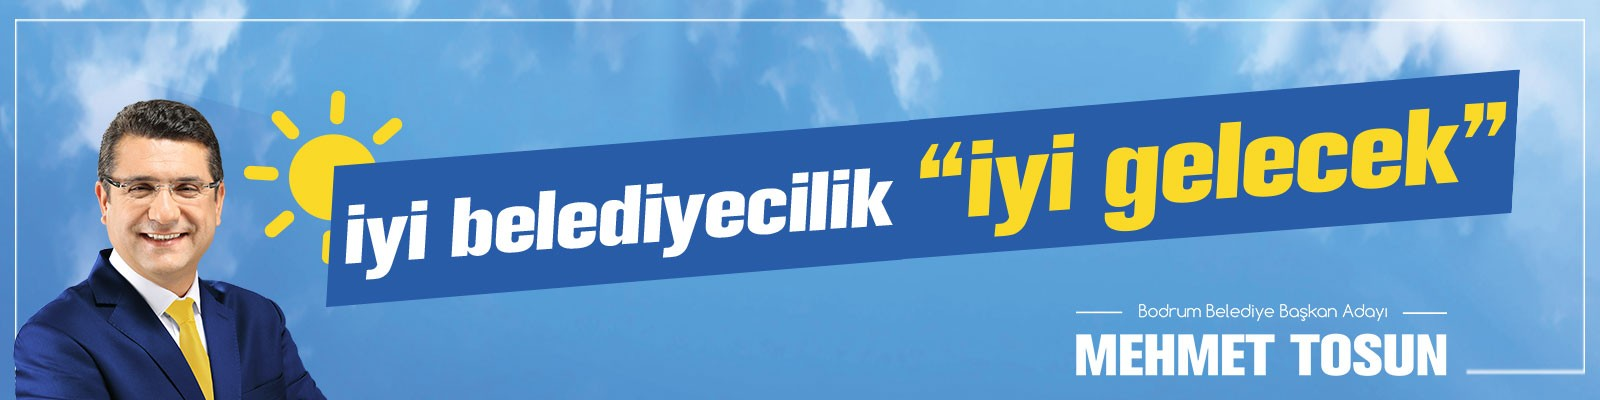 özkeskin TAMER ÖZKESKİN SON YOLCULUĞUNA UĞURLANDI… mehmet tosun banner 1